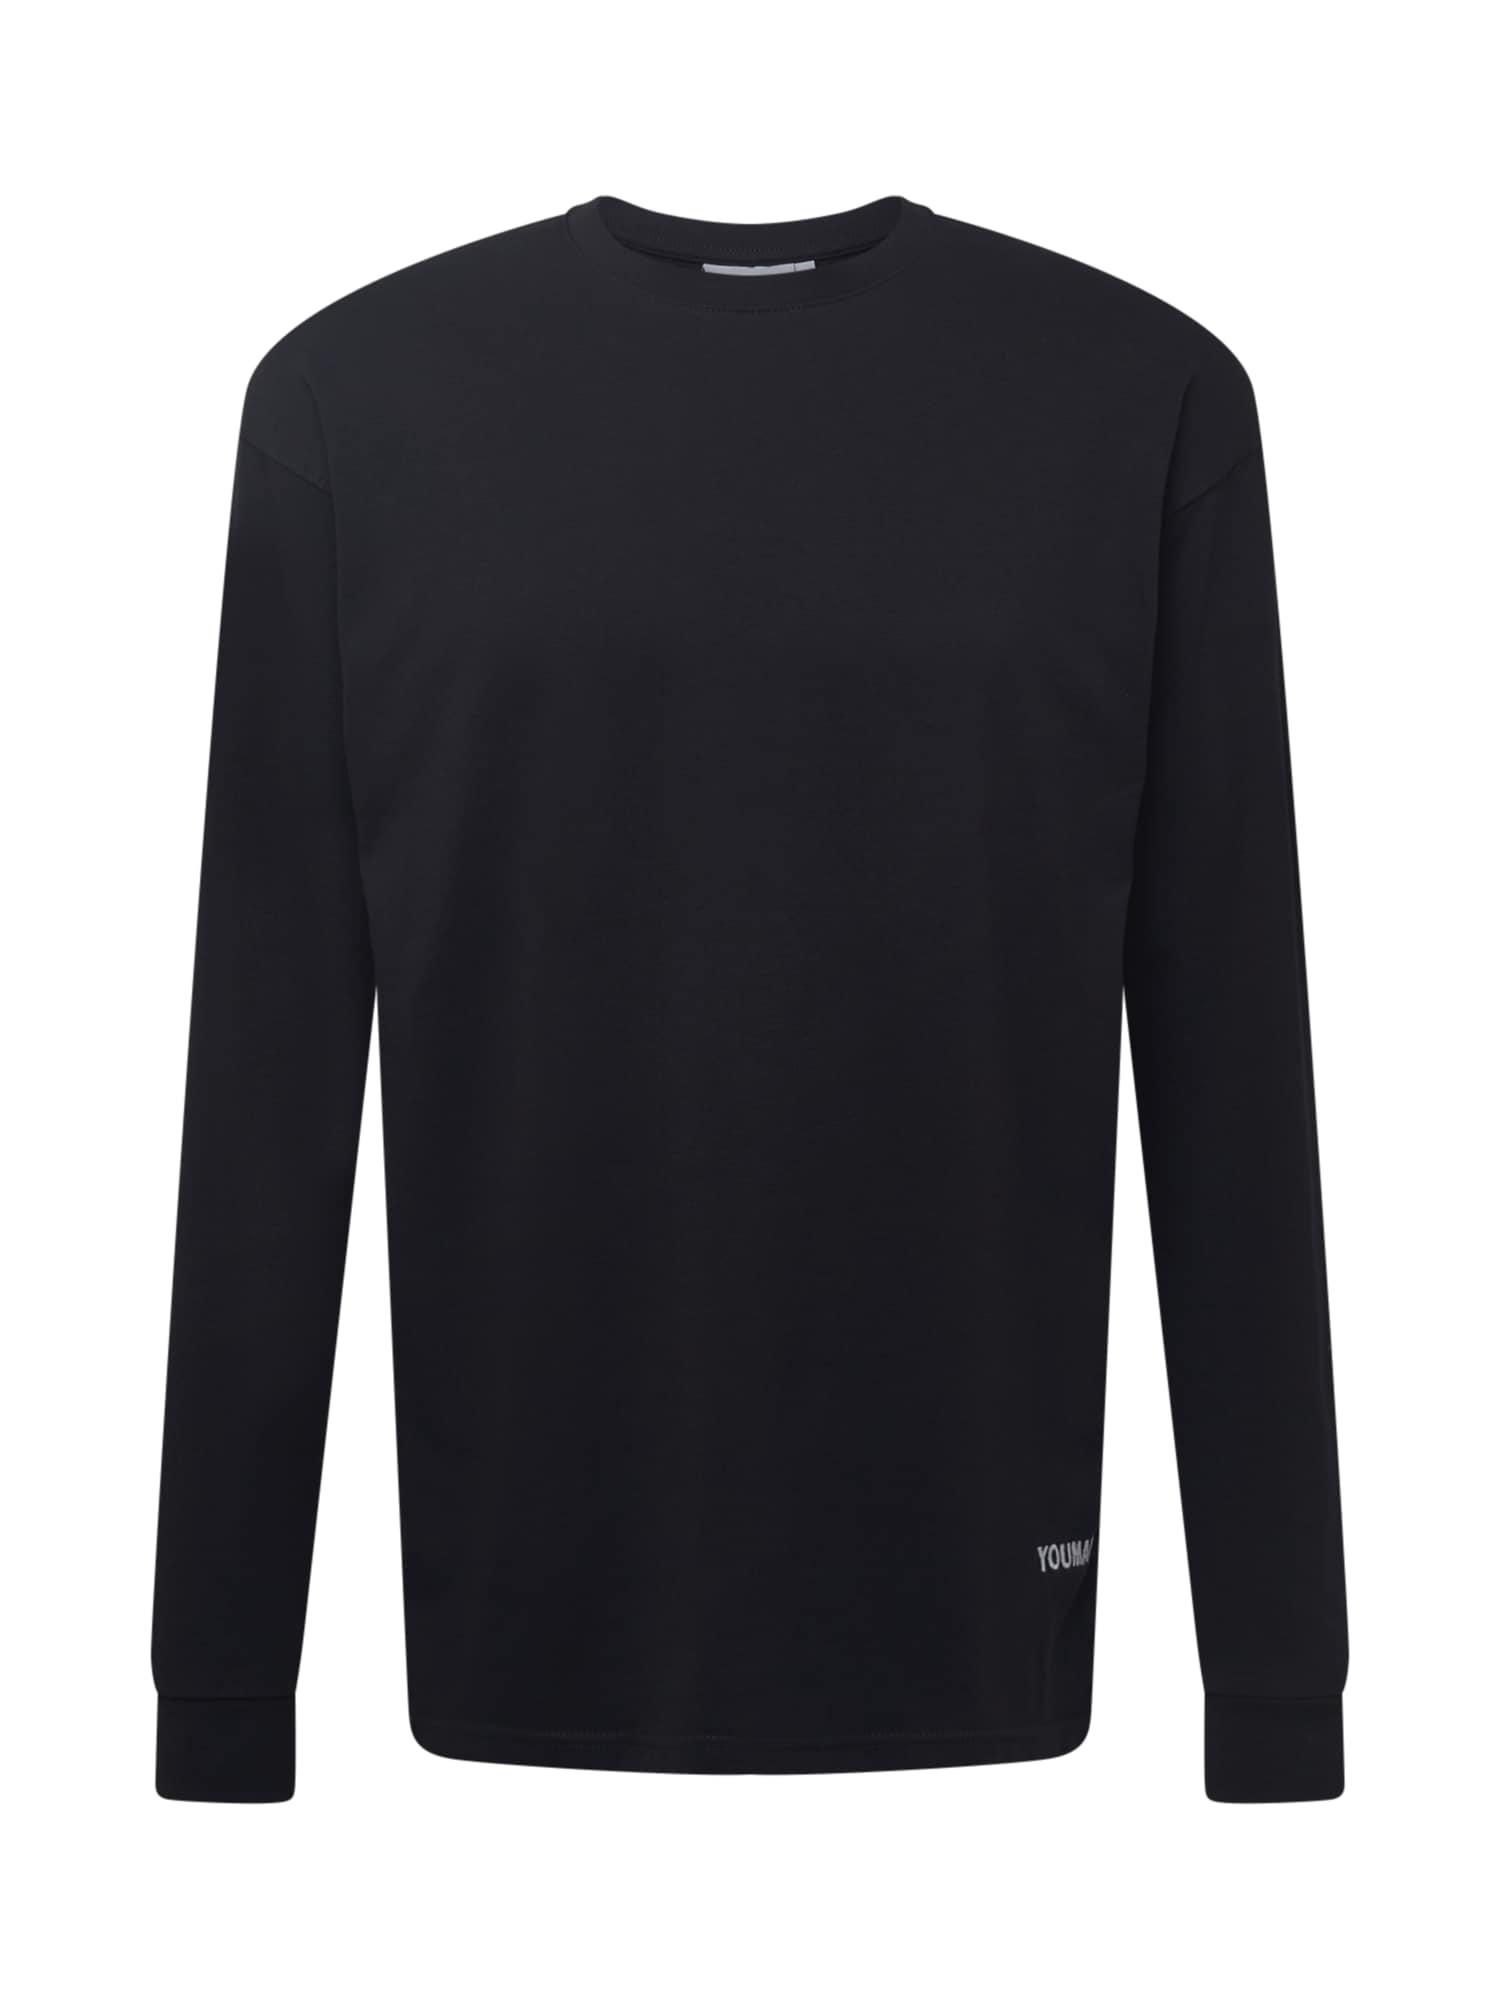 Youman Marškinėliai juoda / balta